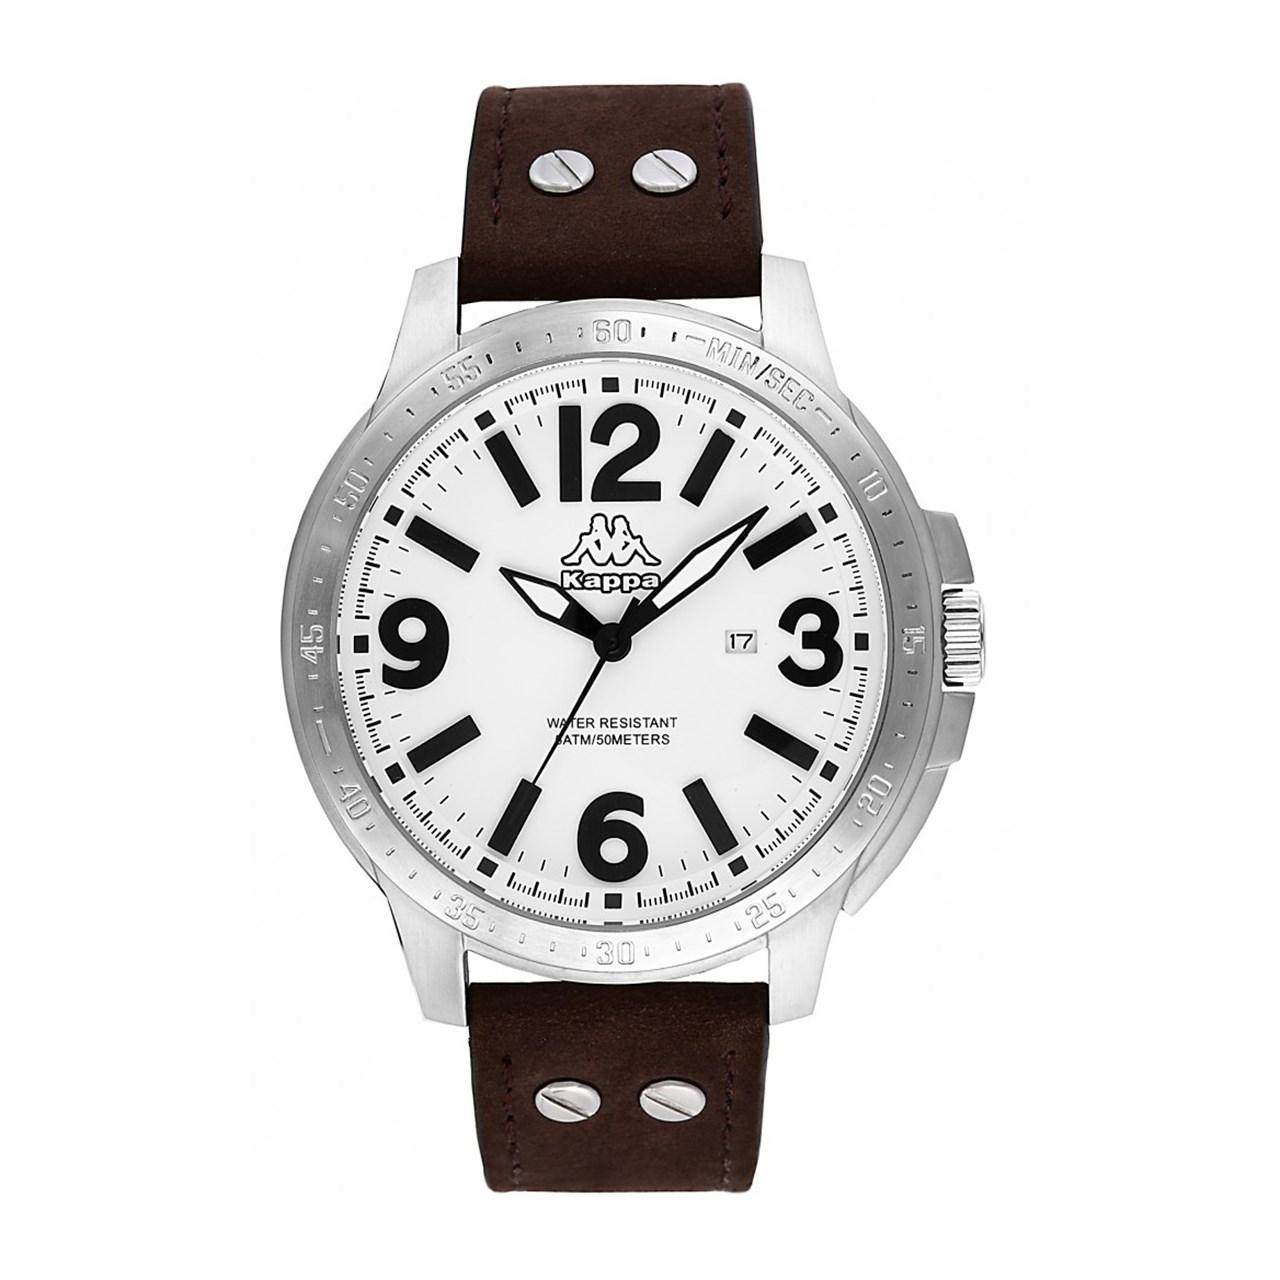 ساعت مچی عقربه ای  کاپا مدل 1417m-a